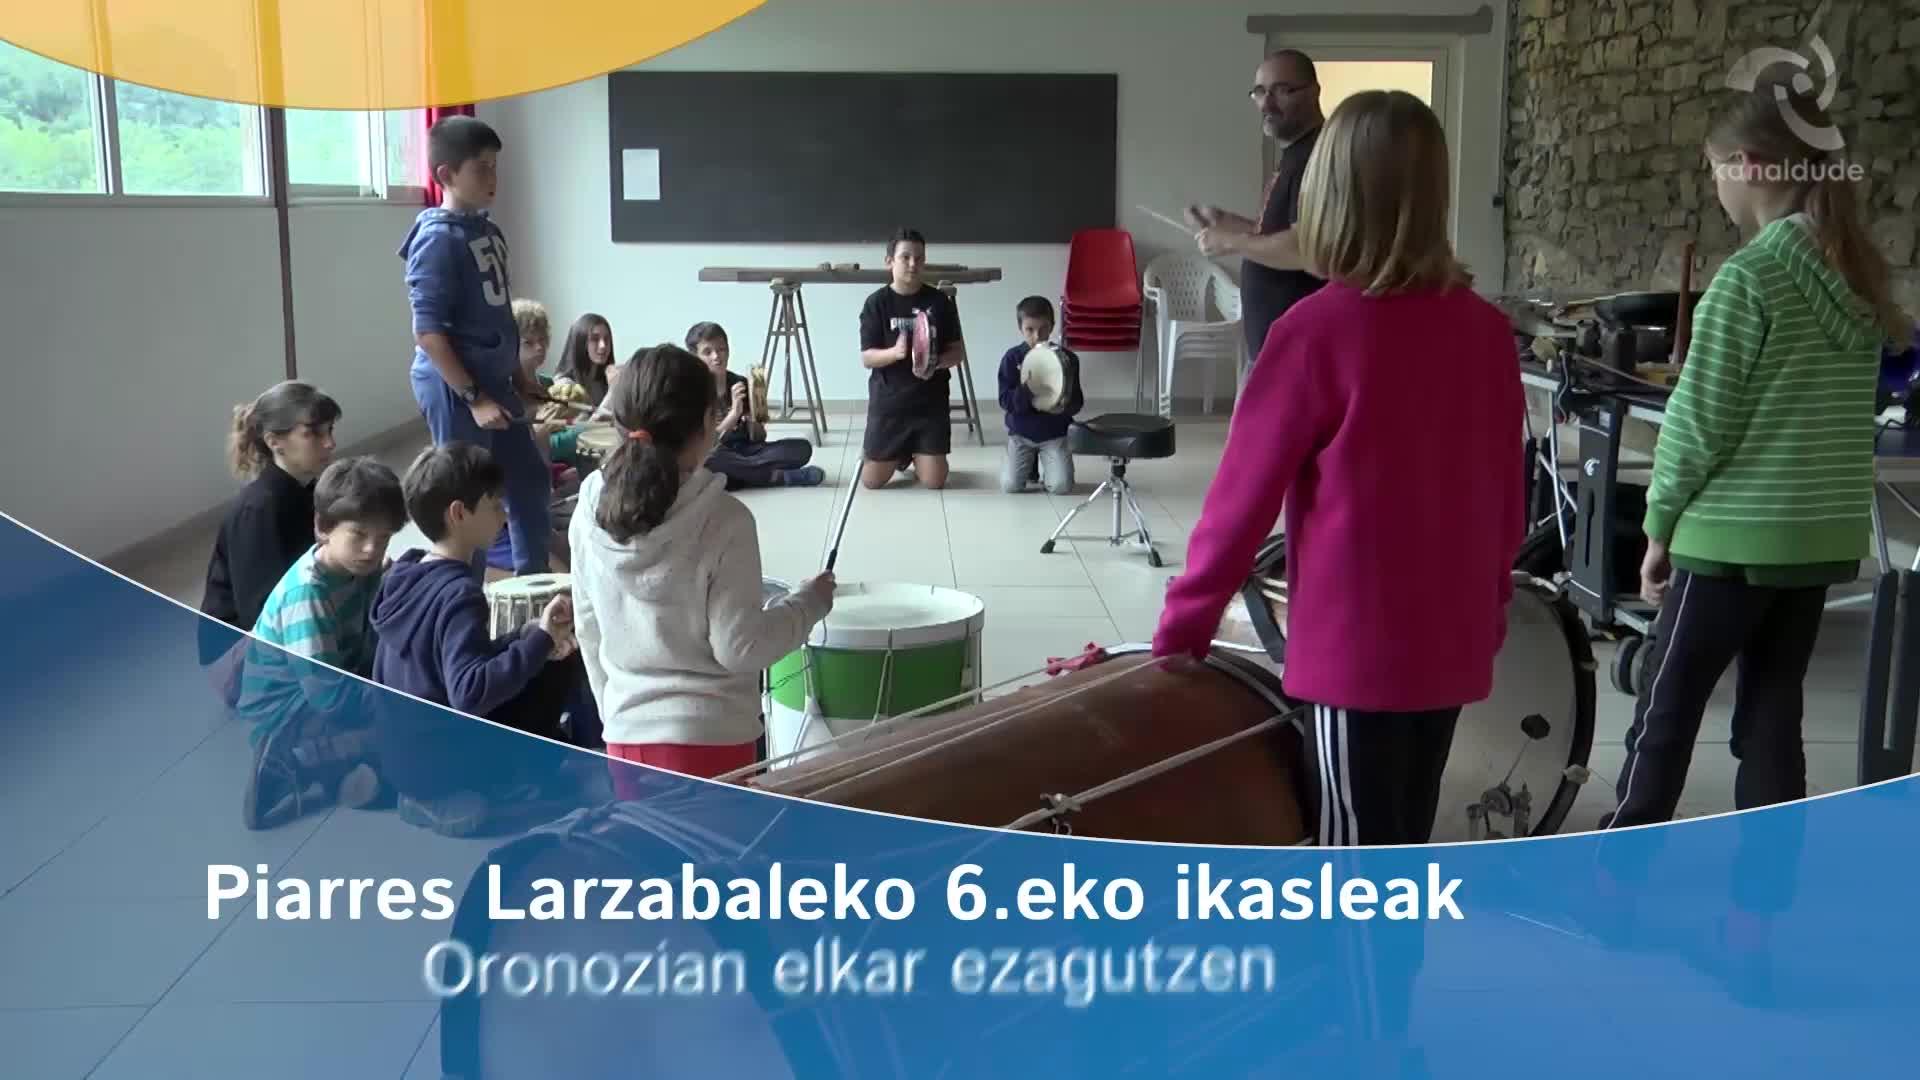 Piarres Larzabaleko 6.eko ikasleak Oronozian elkar ezagutzen